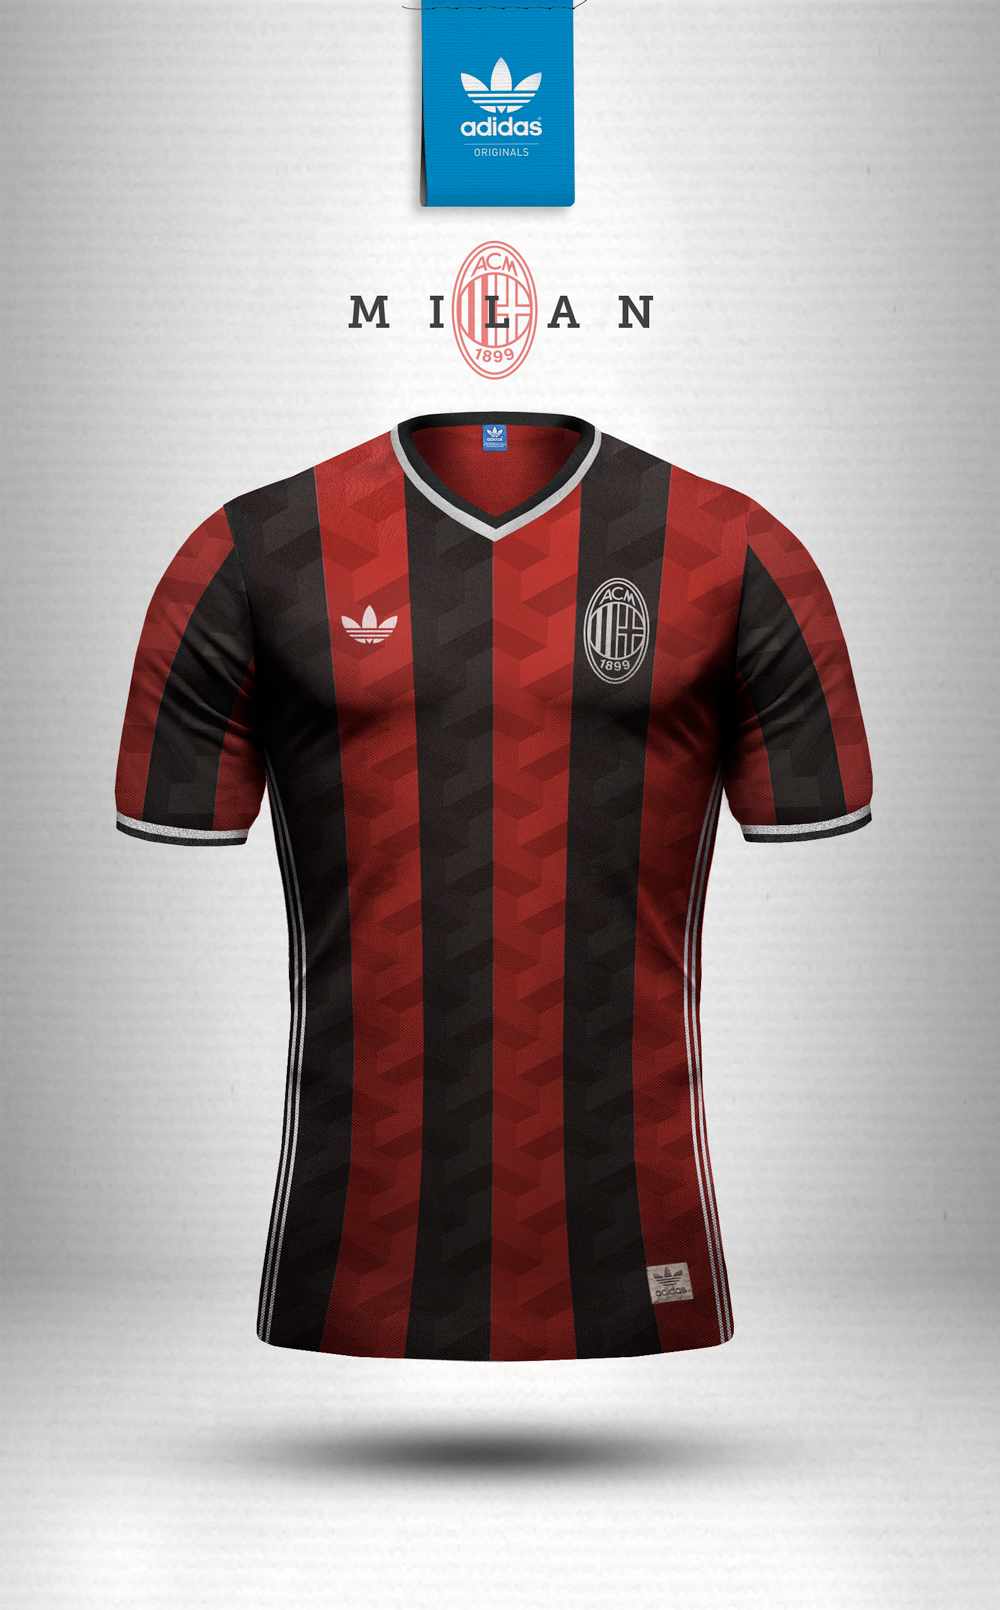 Pin by Lucho KP on AC Milan | Soccer shirts, Ac milan, Milan